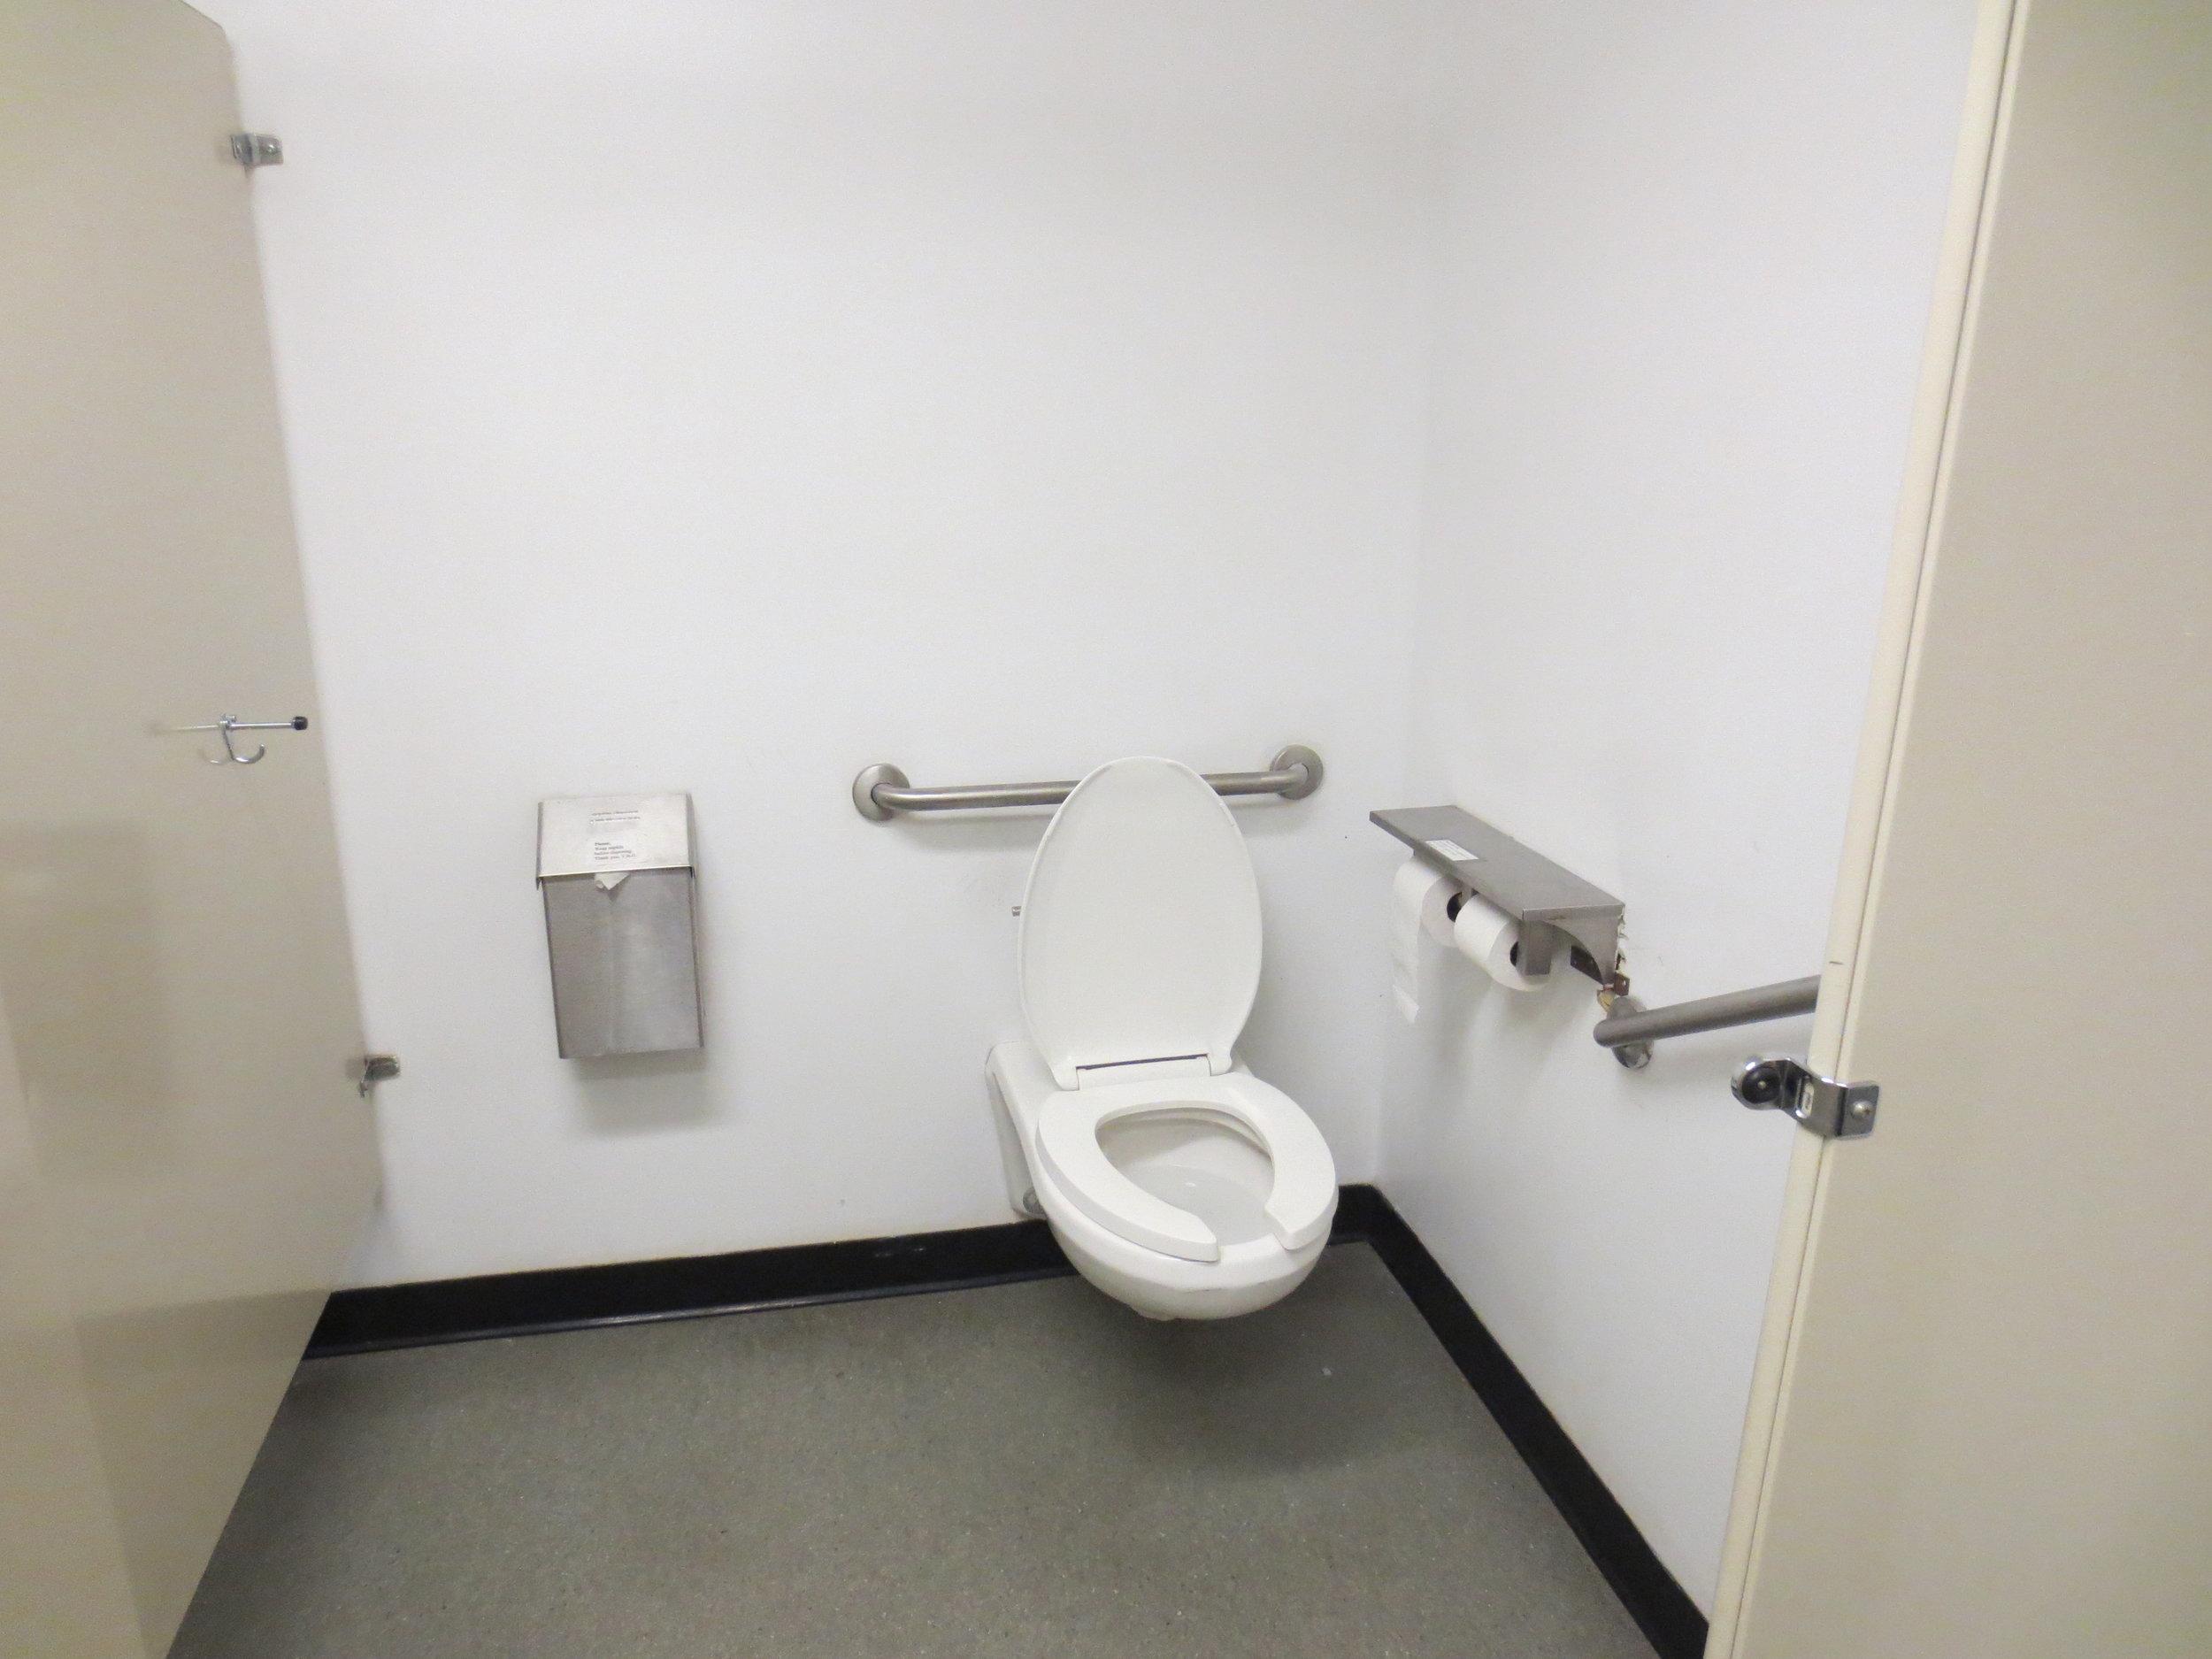 Washroom stall